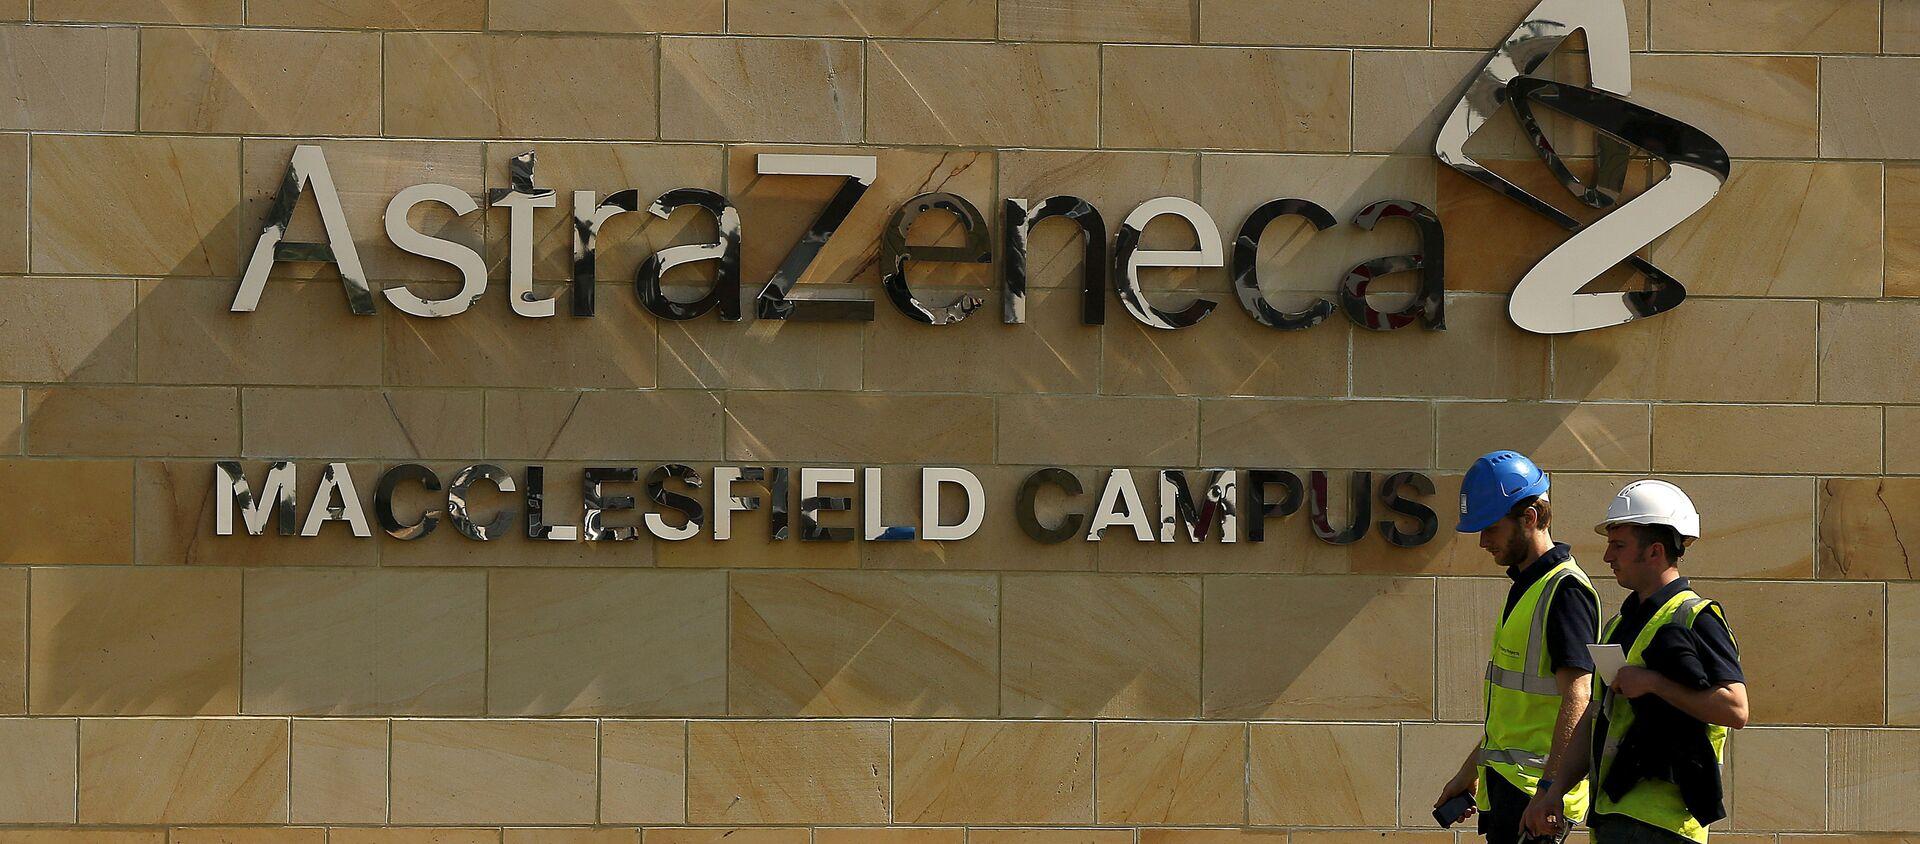 Седиште компаније АстраЗенека у Маклсфилду у Енглеској - Sputnik Србија, 1920, 02.02.2021